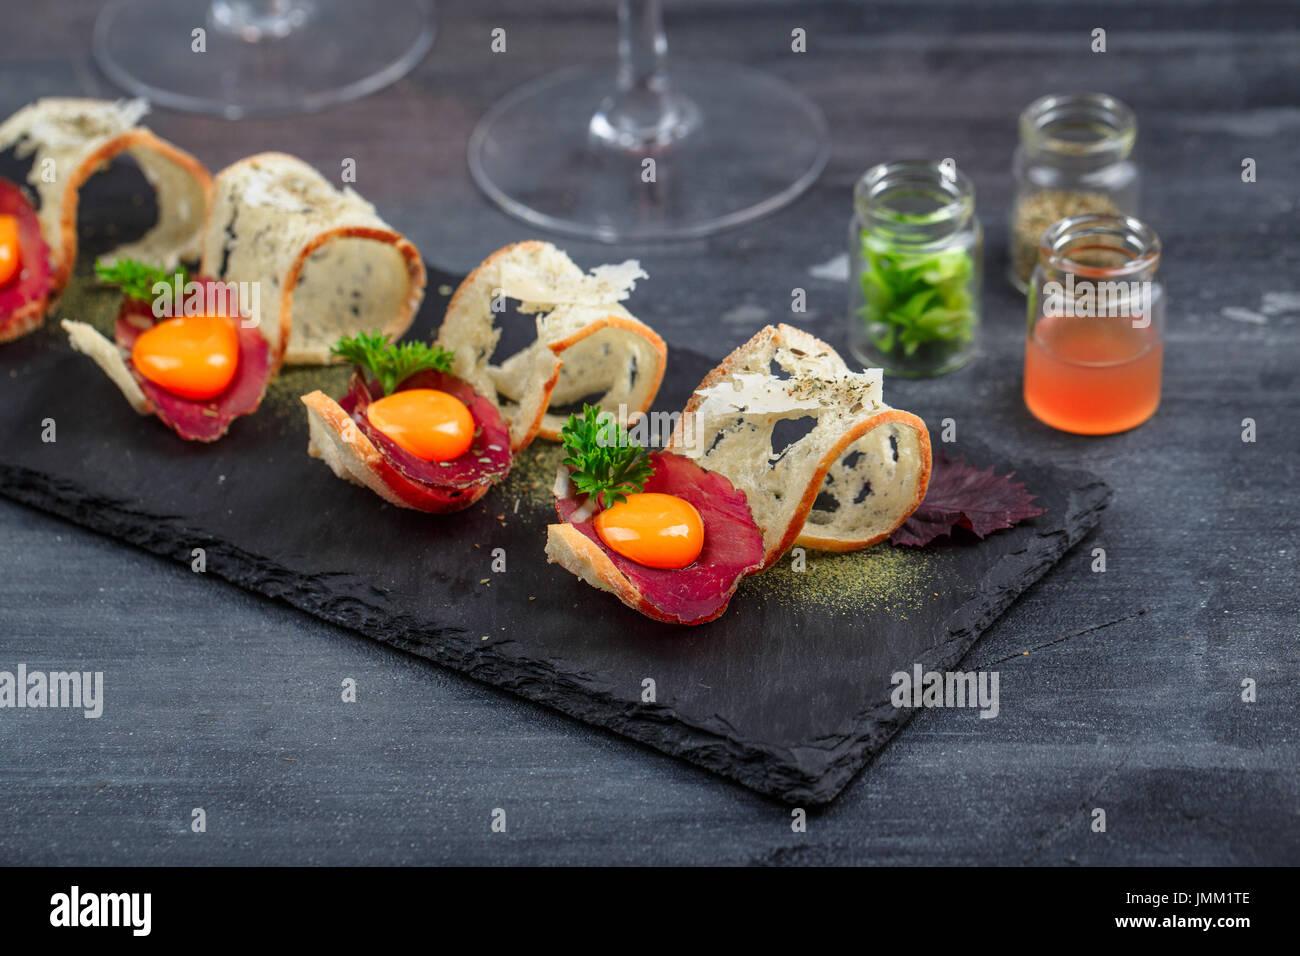 Viande sur du pain croustillant avec œuf et fromage parmedgano Photo Stock